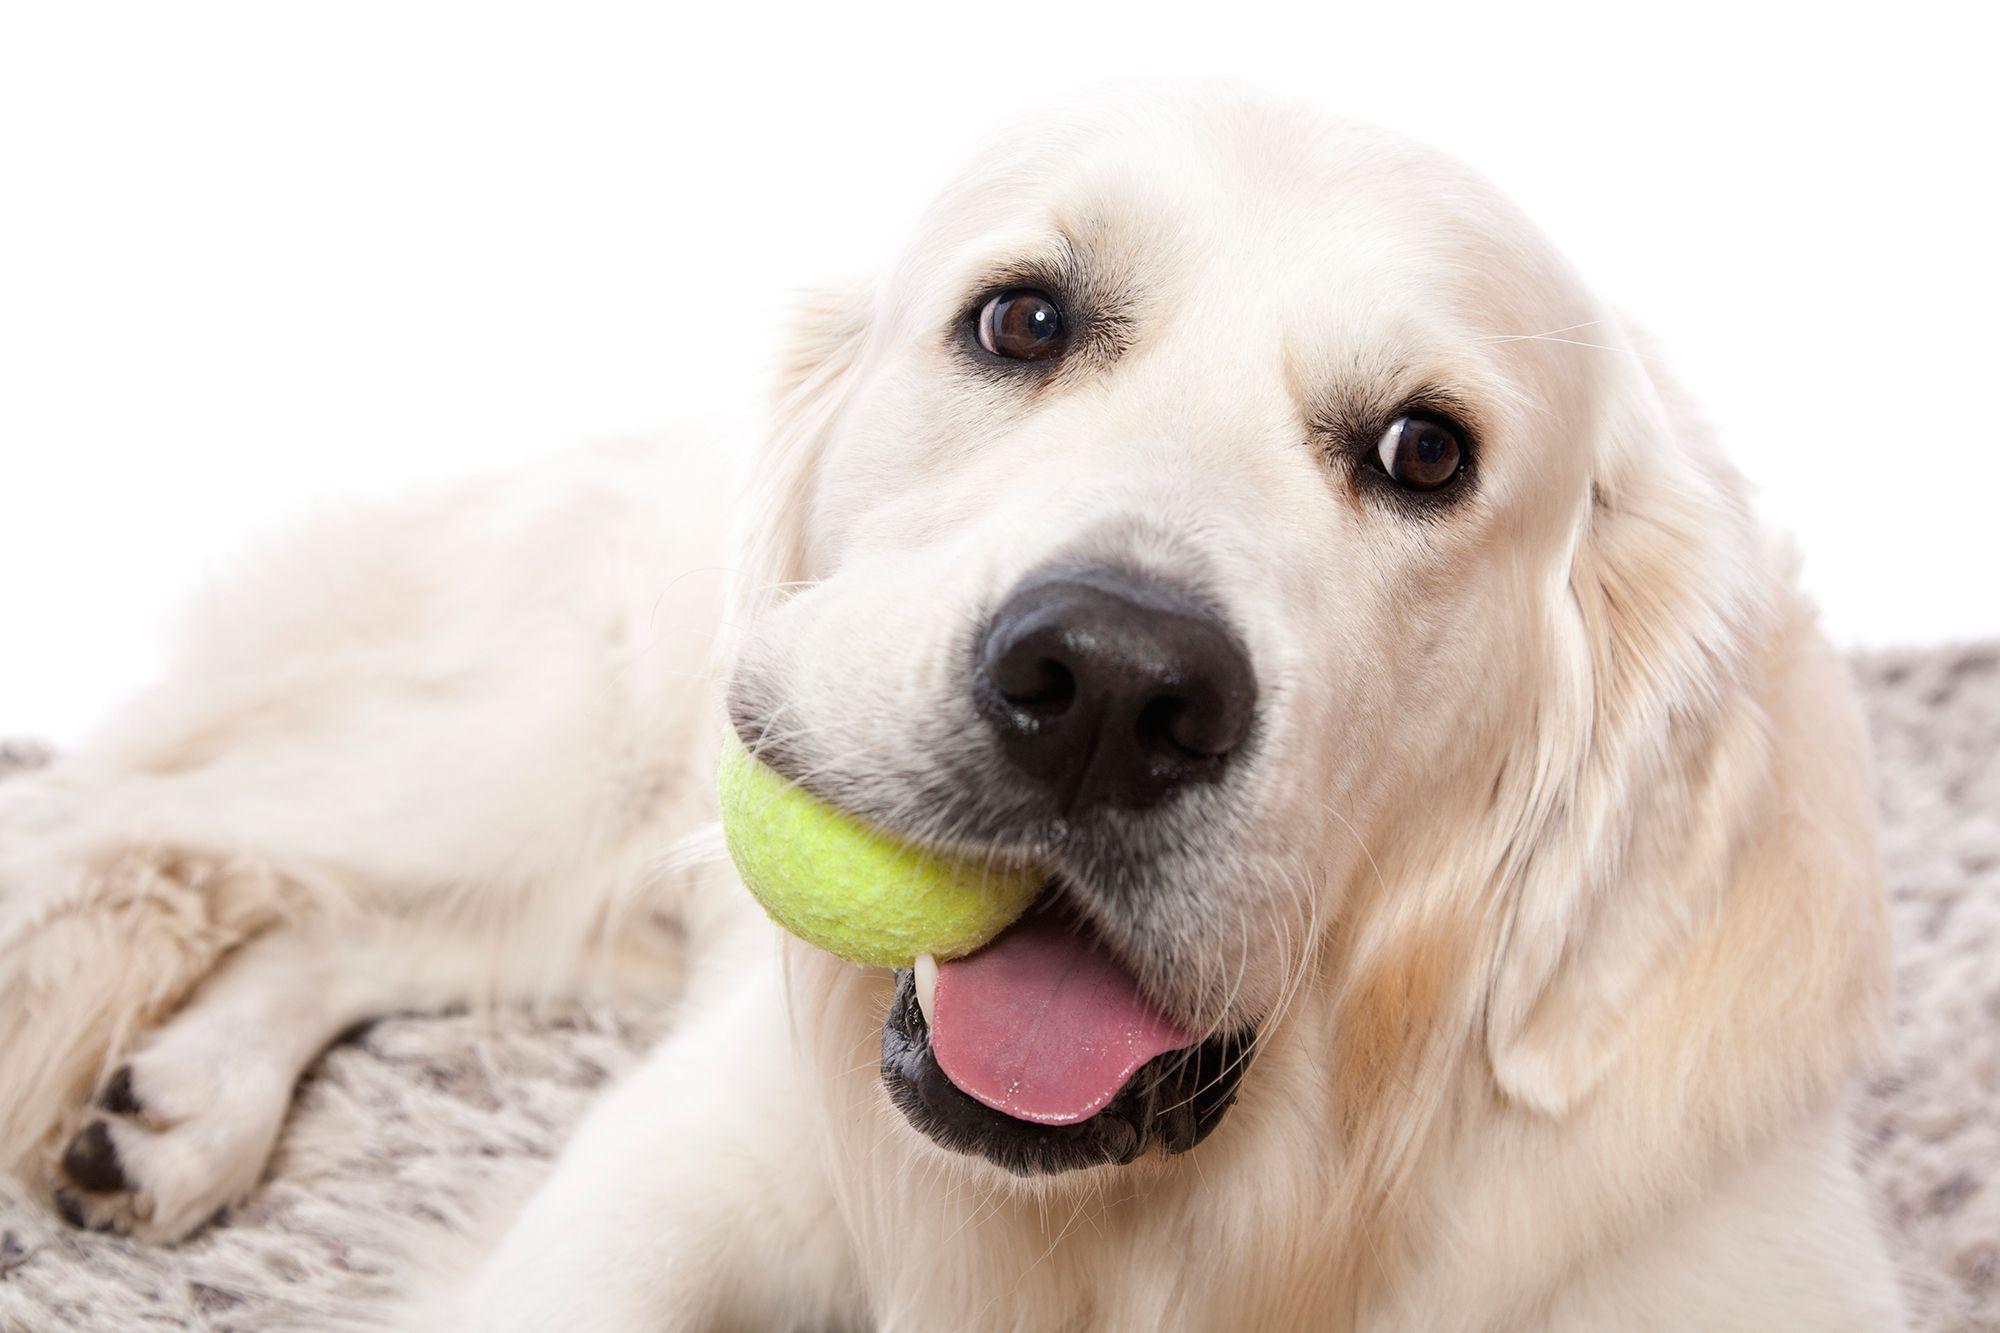 llegada perro casa - expectativas